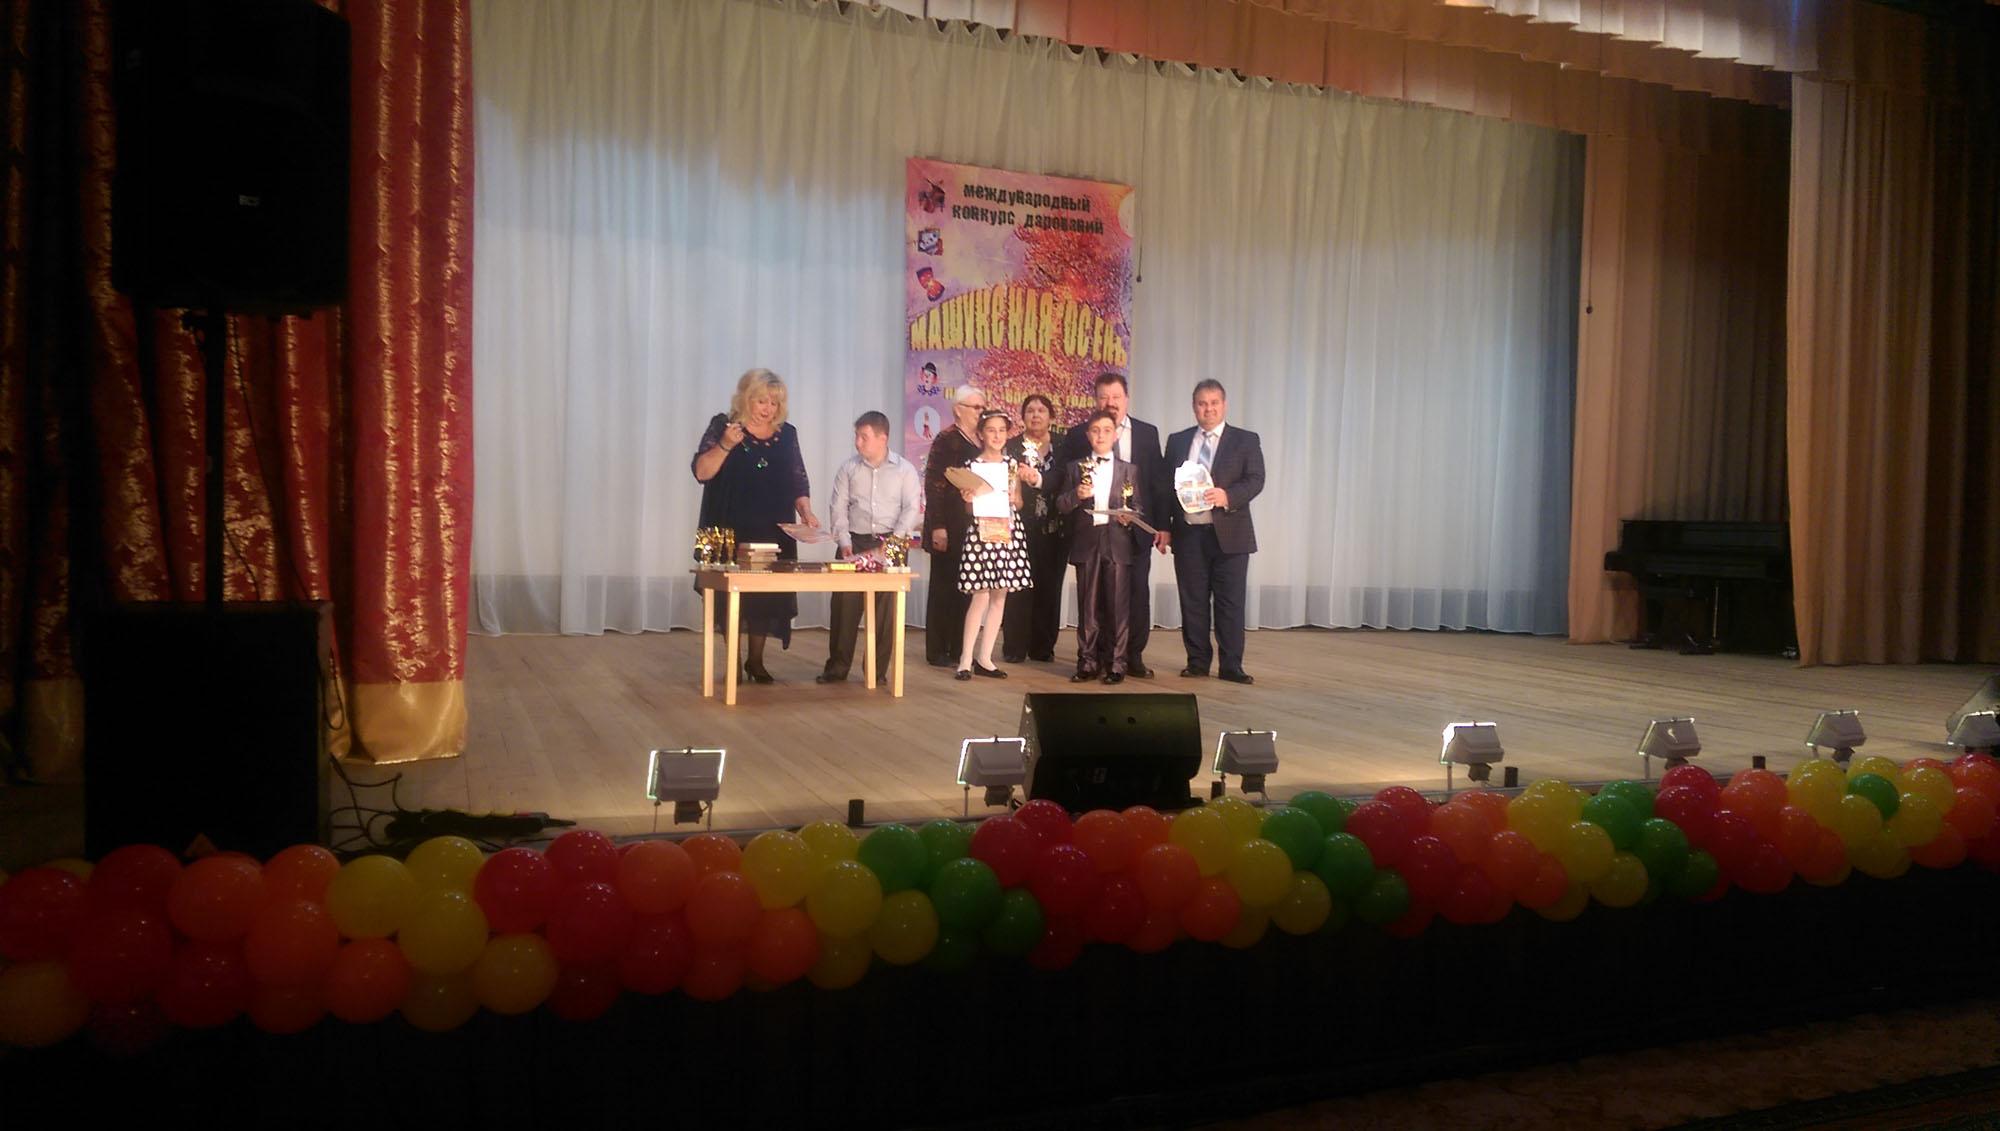 «Ընտանիք» կենտրոնի սաների հաղթանակը ՌԴ Պյատիգորսկ քաղաքում կայացած միջազգային մրցույթում